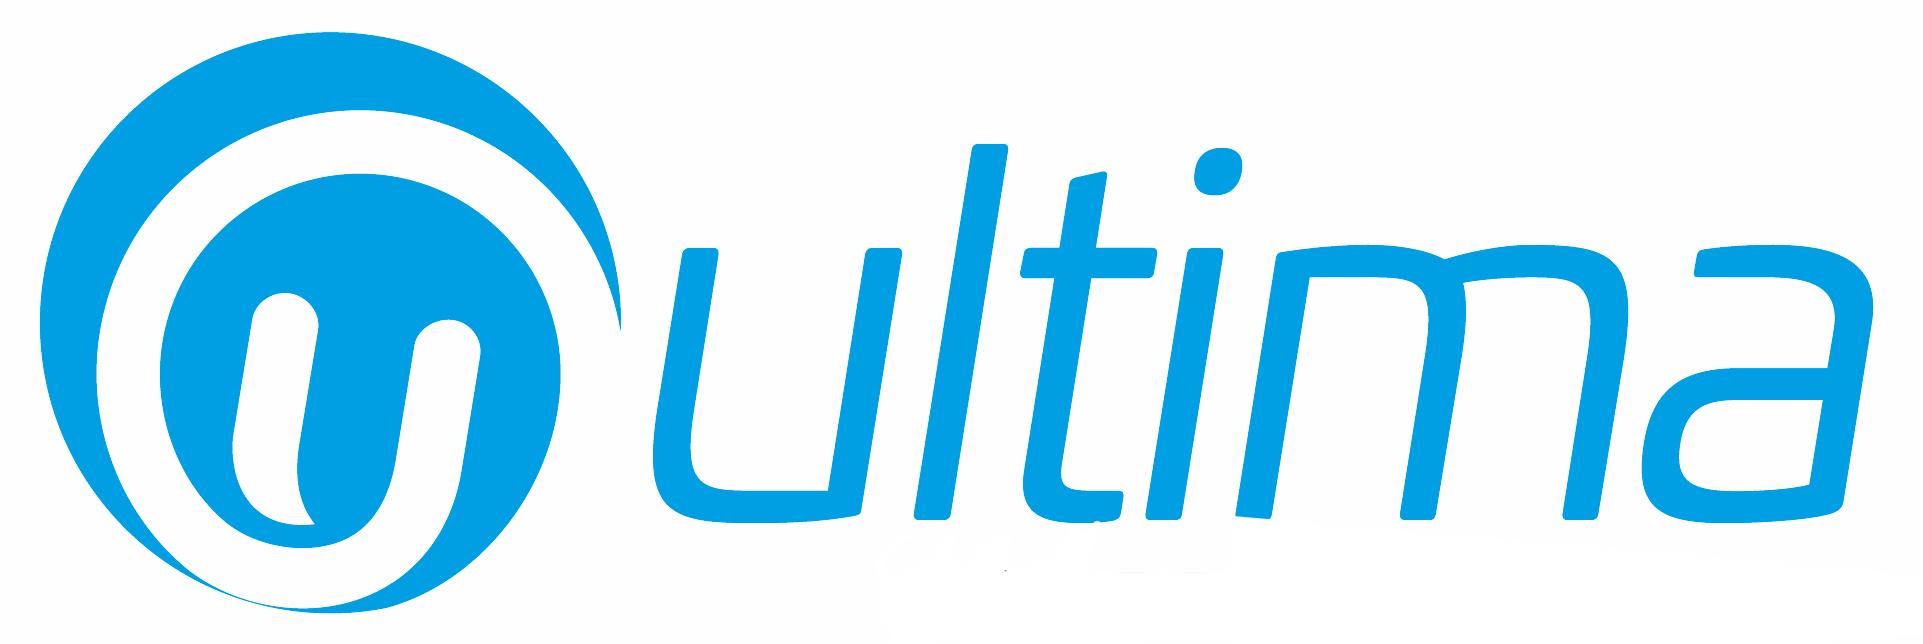 Ultima Skills Training